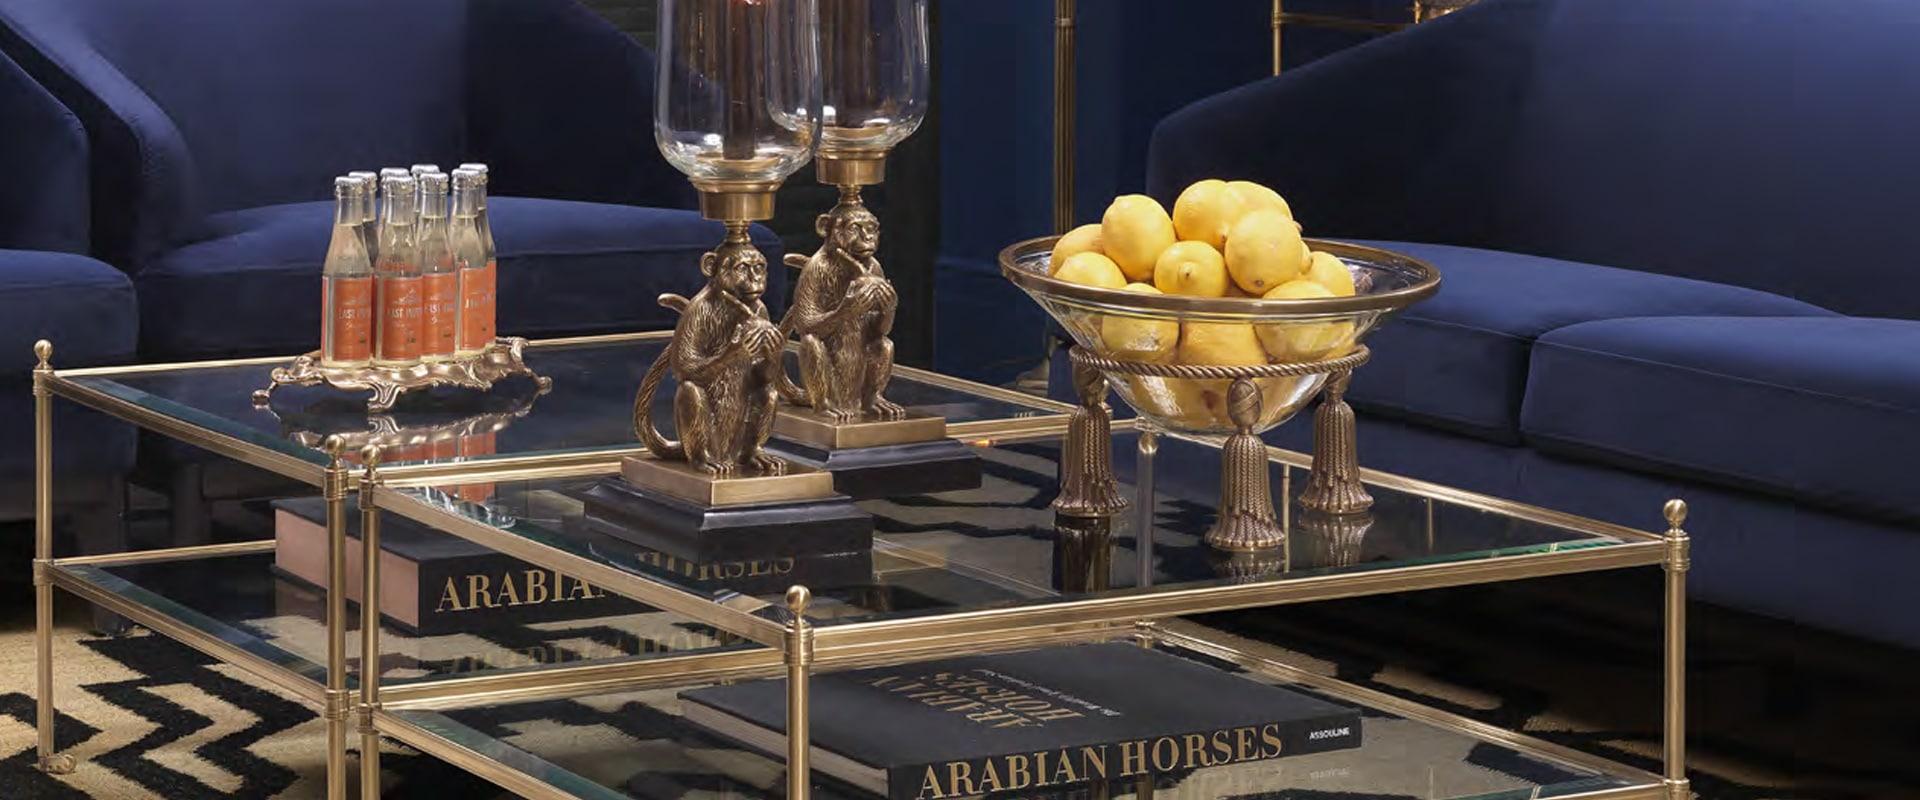 Simetria harmoniosa obtida com a duplicação de peças decorativas, como espelhos, livros, bustos, candelabros, abajures de seda, cristais, porcelanas e pratarias